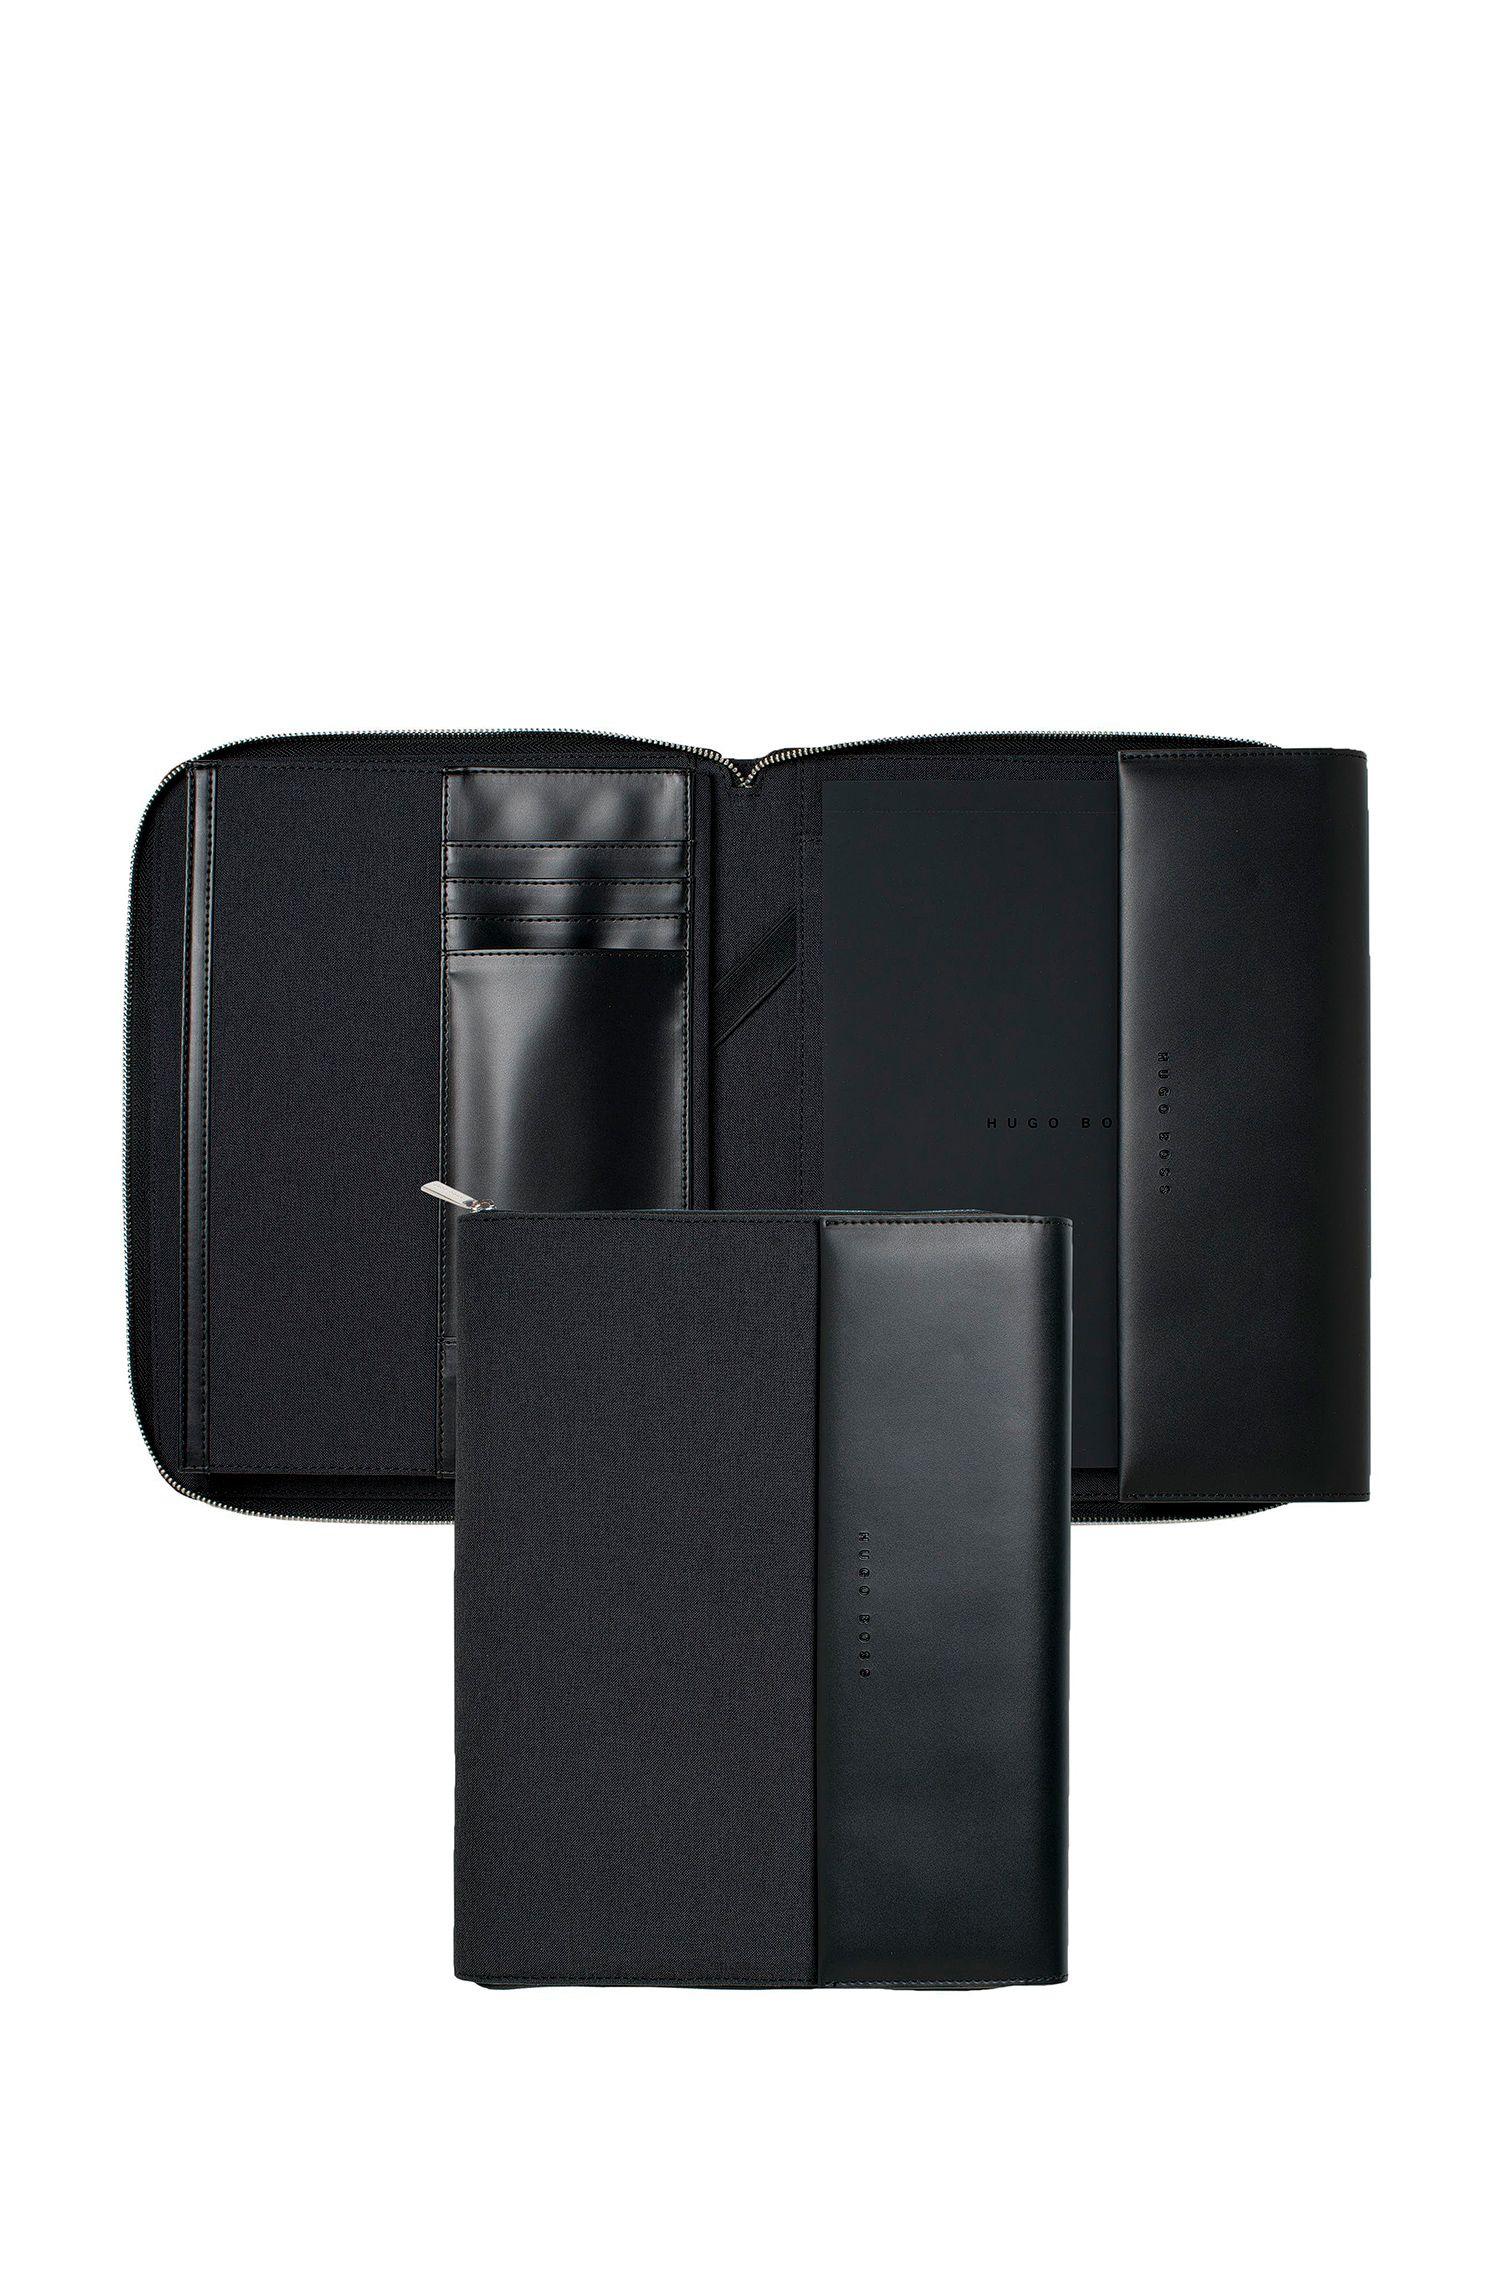 Étui à fermeture éclair circulaire au formatA5 en tissu technique avec finitions en similicuir, Noir